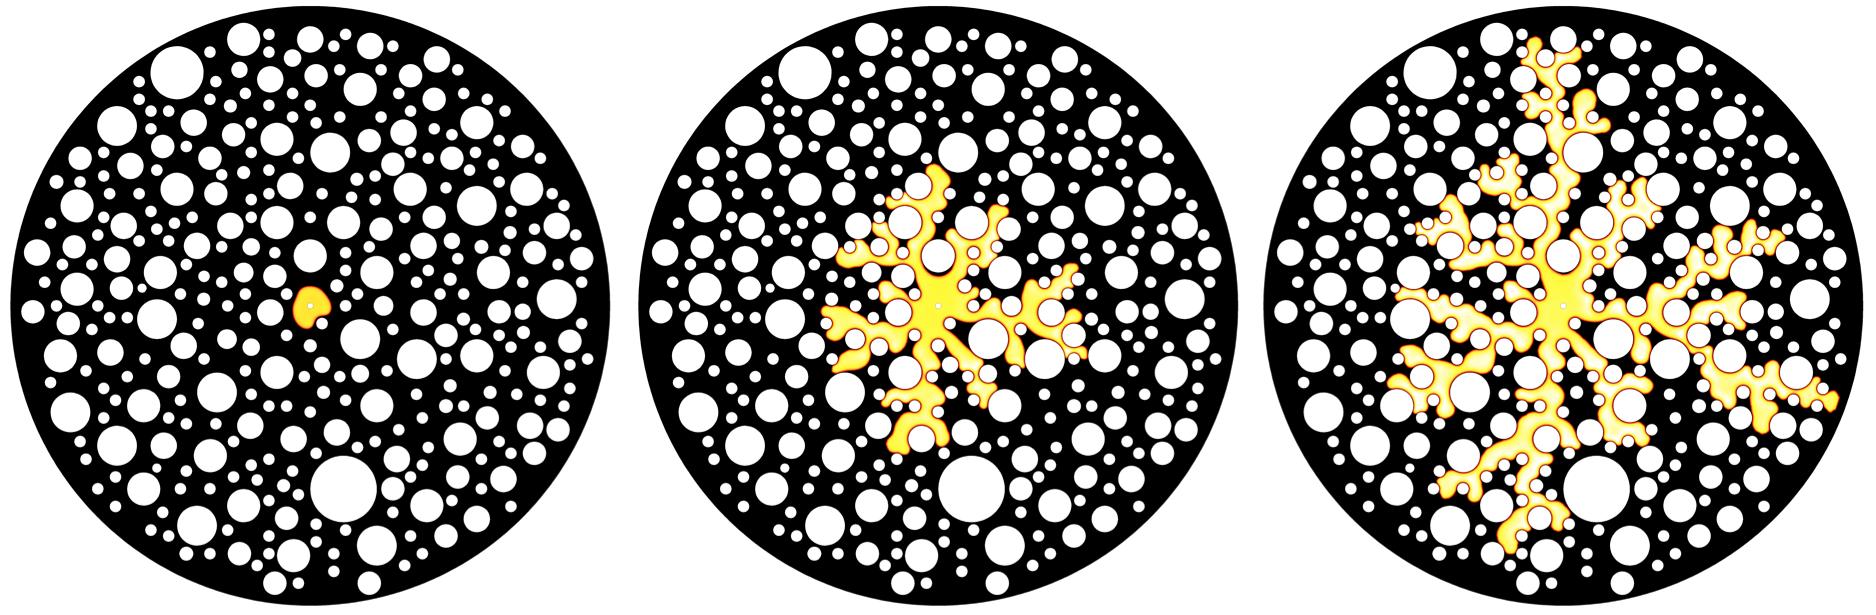 micromodel